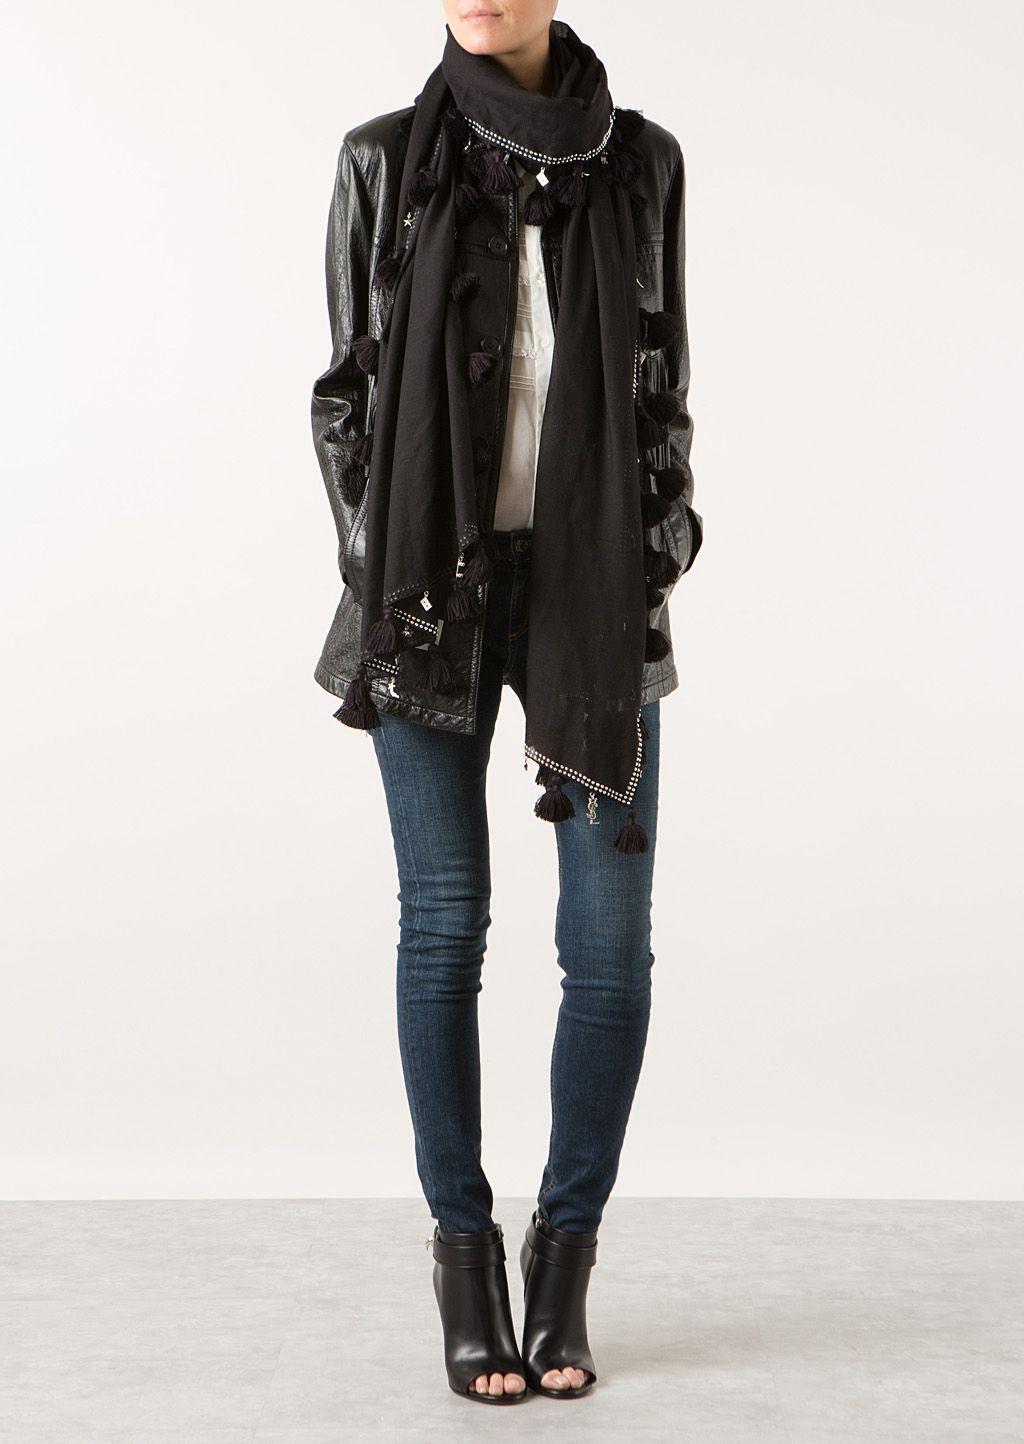 Laurent Saint Jackets pea black Saint leather fringed Laurent 4T1FWqw